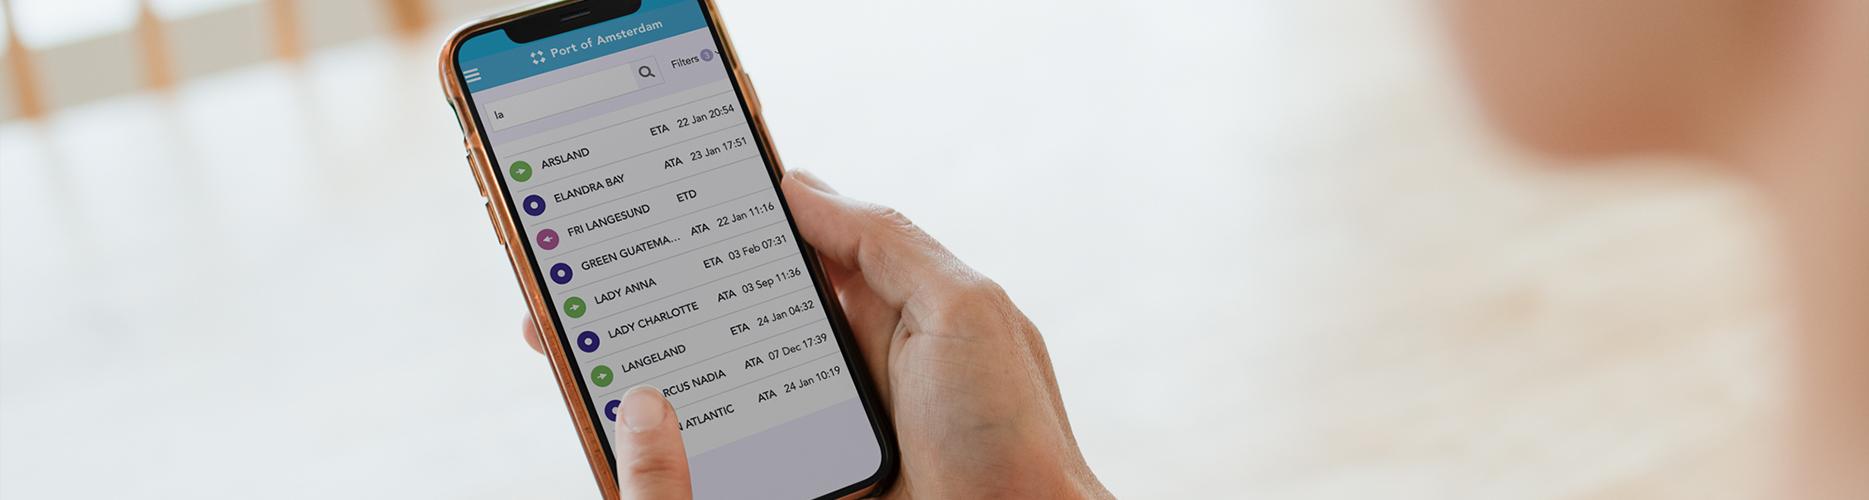 De app van Port of Amsterdam afgebeeld op een iPhone